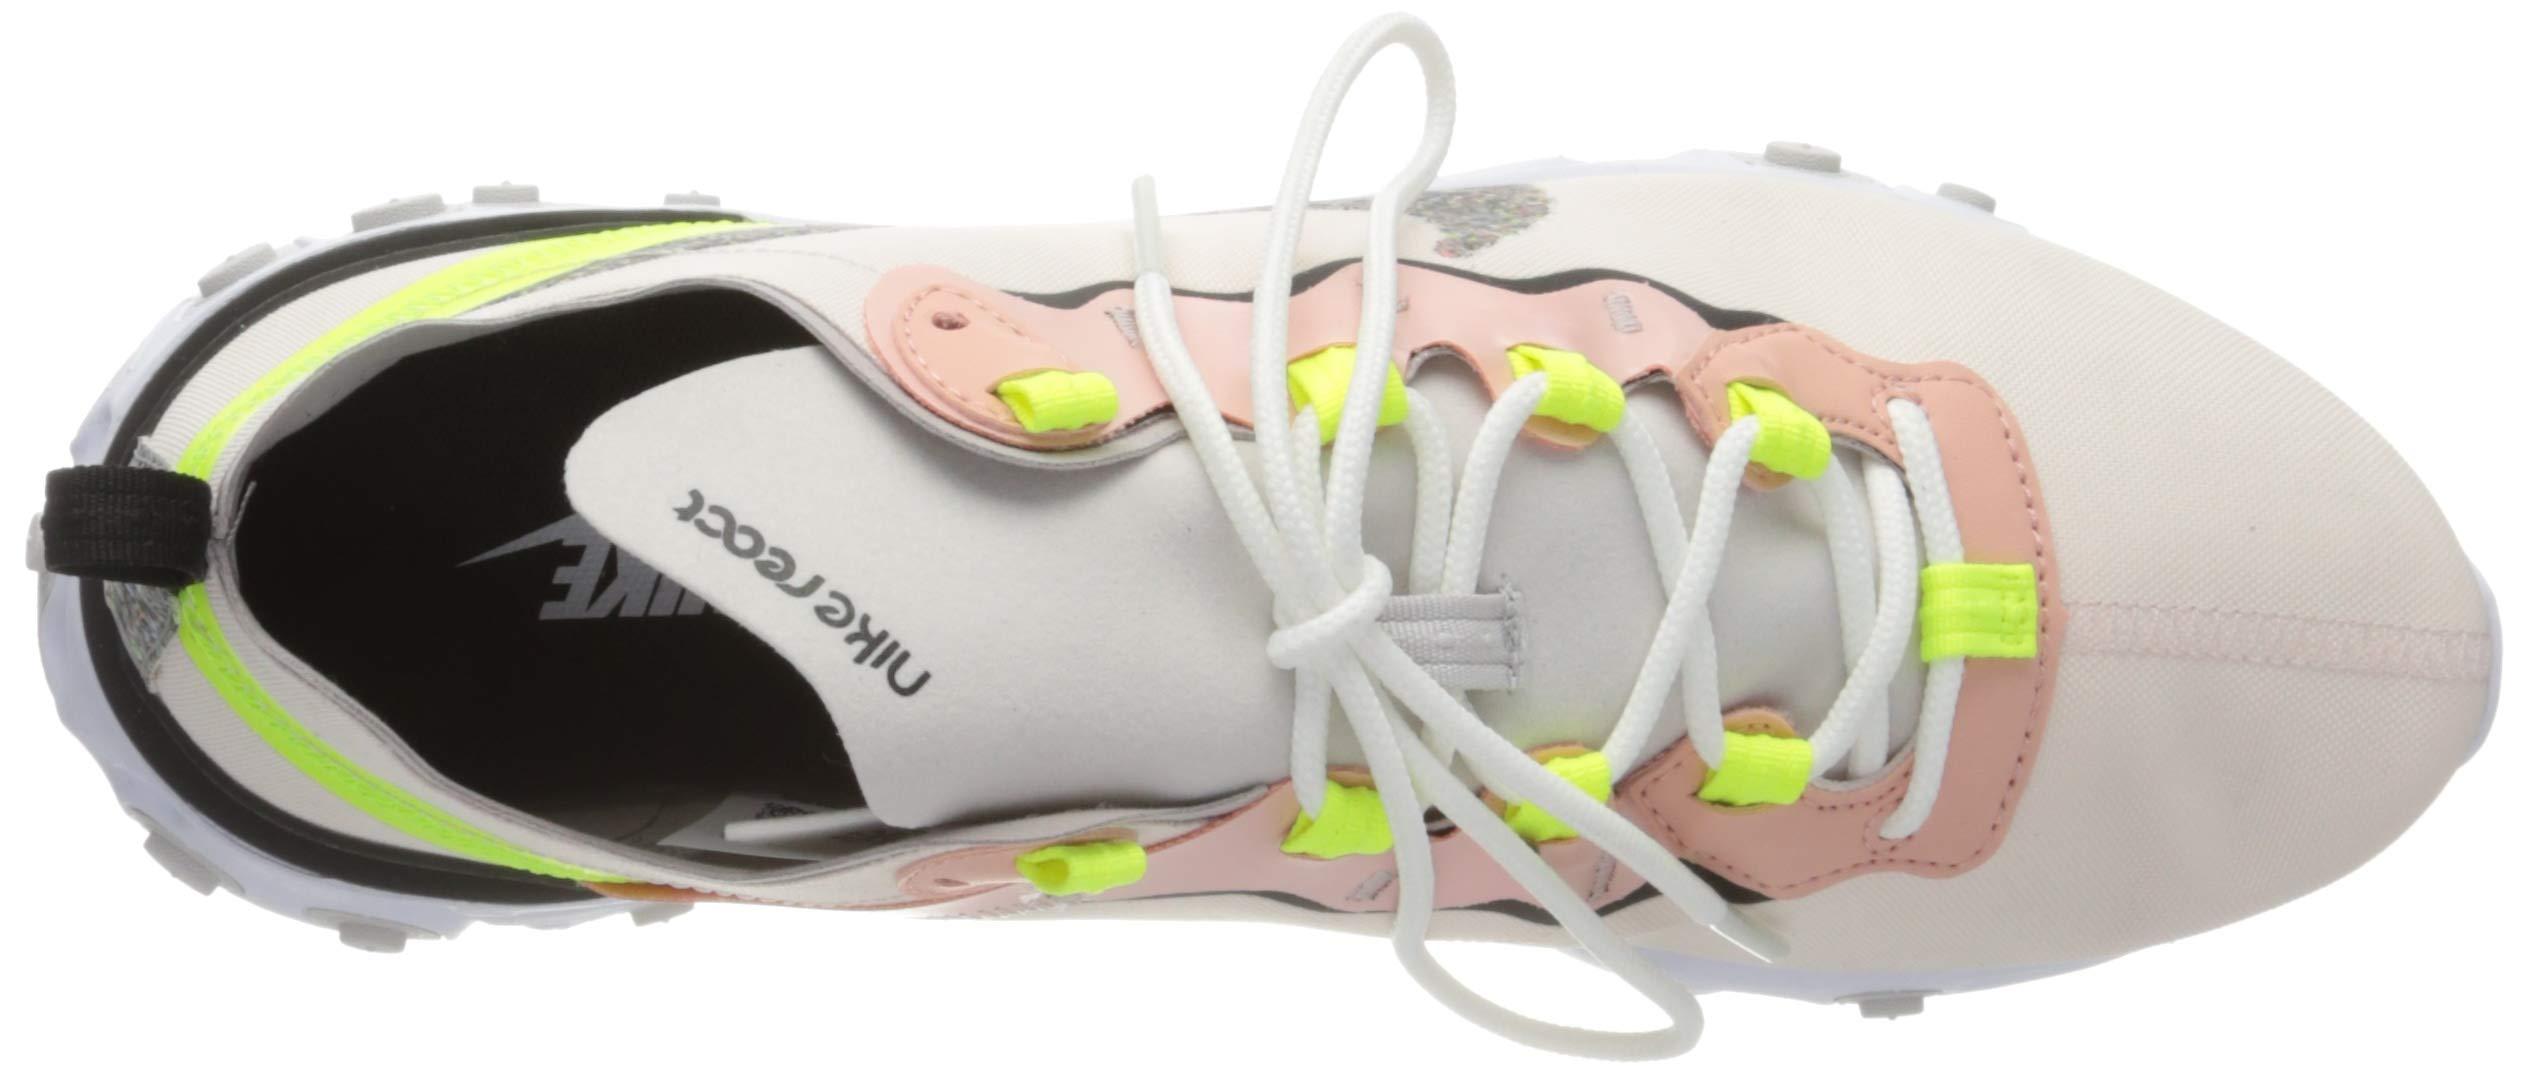 71LHkUJDcmL - Nike Women's W React Element 55 PRM Track & Field Shoes